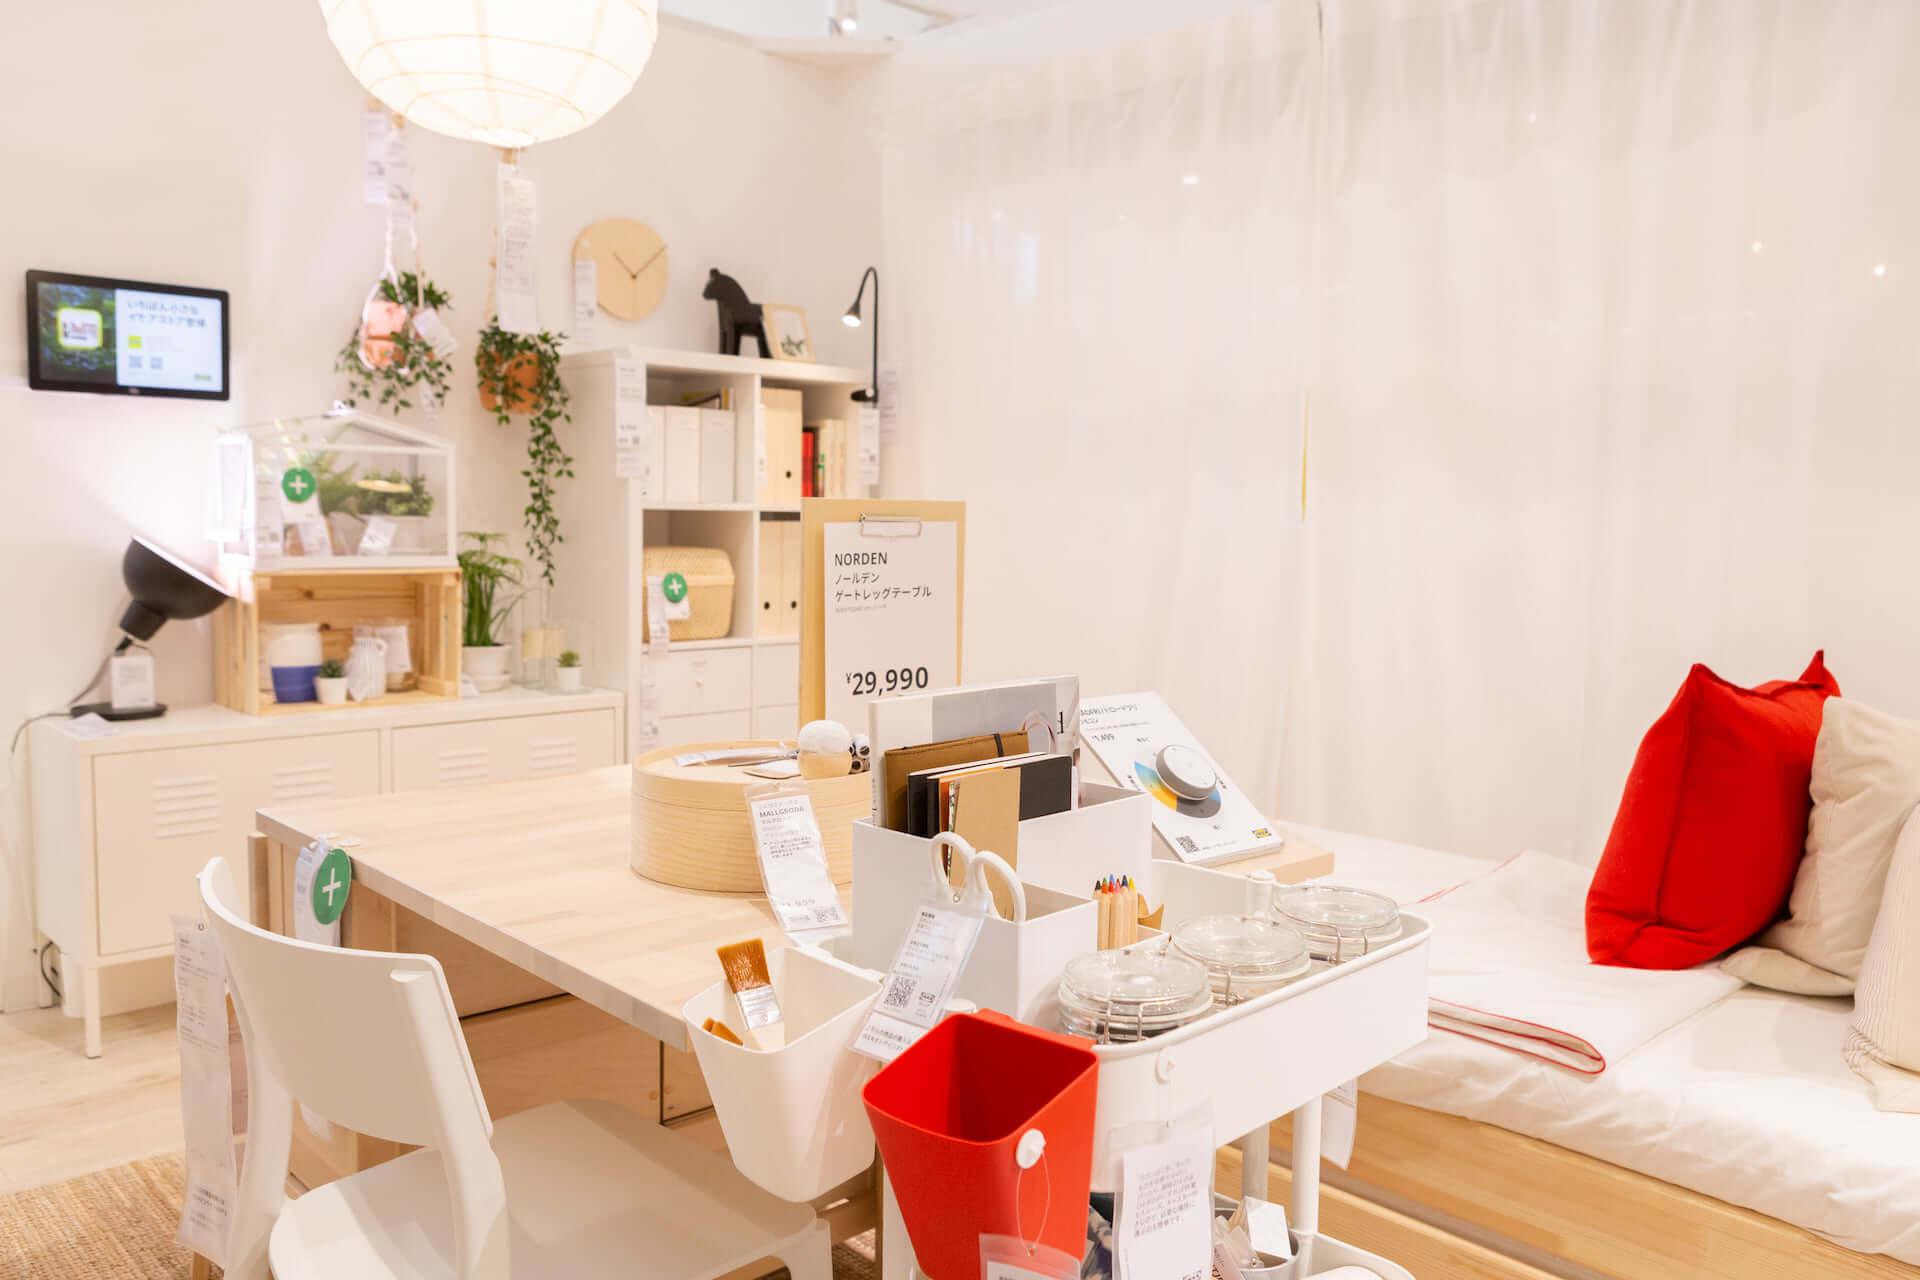 IKEAがついに原宿に登場!WITH HARAJUKUに6月8日オープン決定&内装も一部公開 lf200604_ikea_harajuku_6-1920x1280